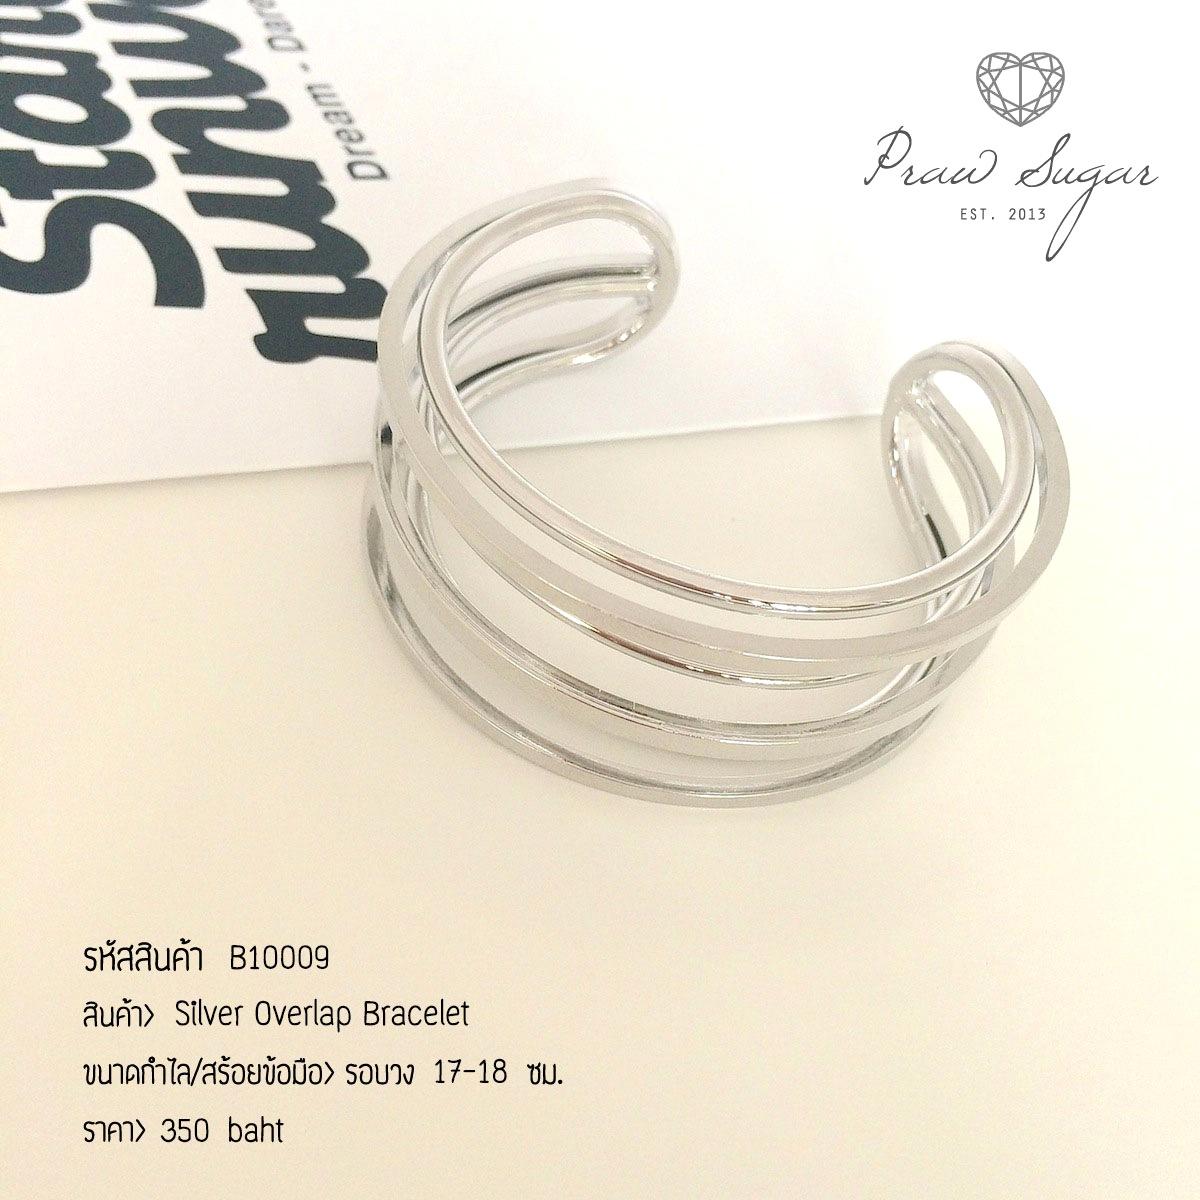 Silver Overlap Bracelet